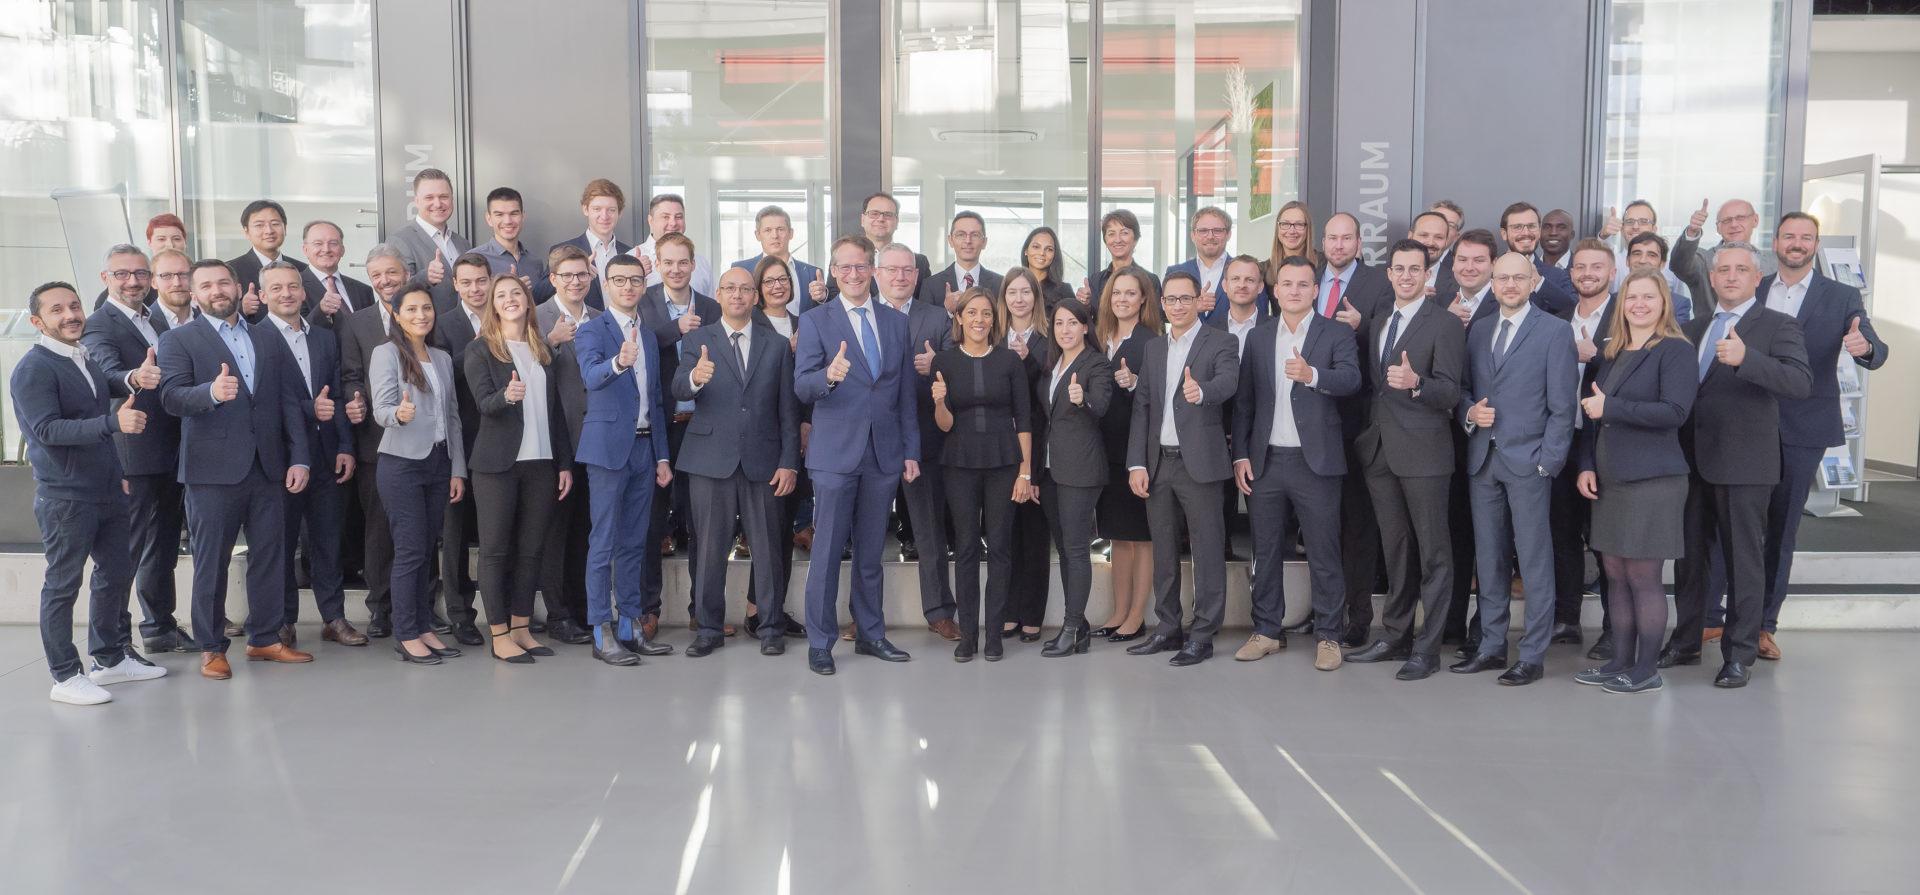 Ein Foto des gesamten Goldbeck-Solar-Teams